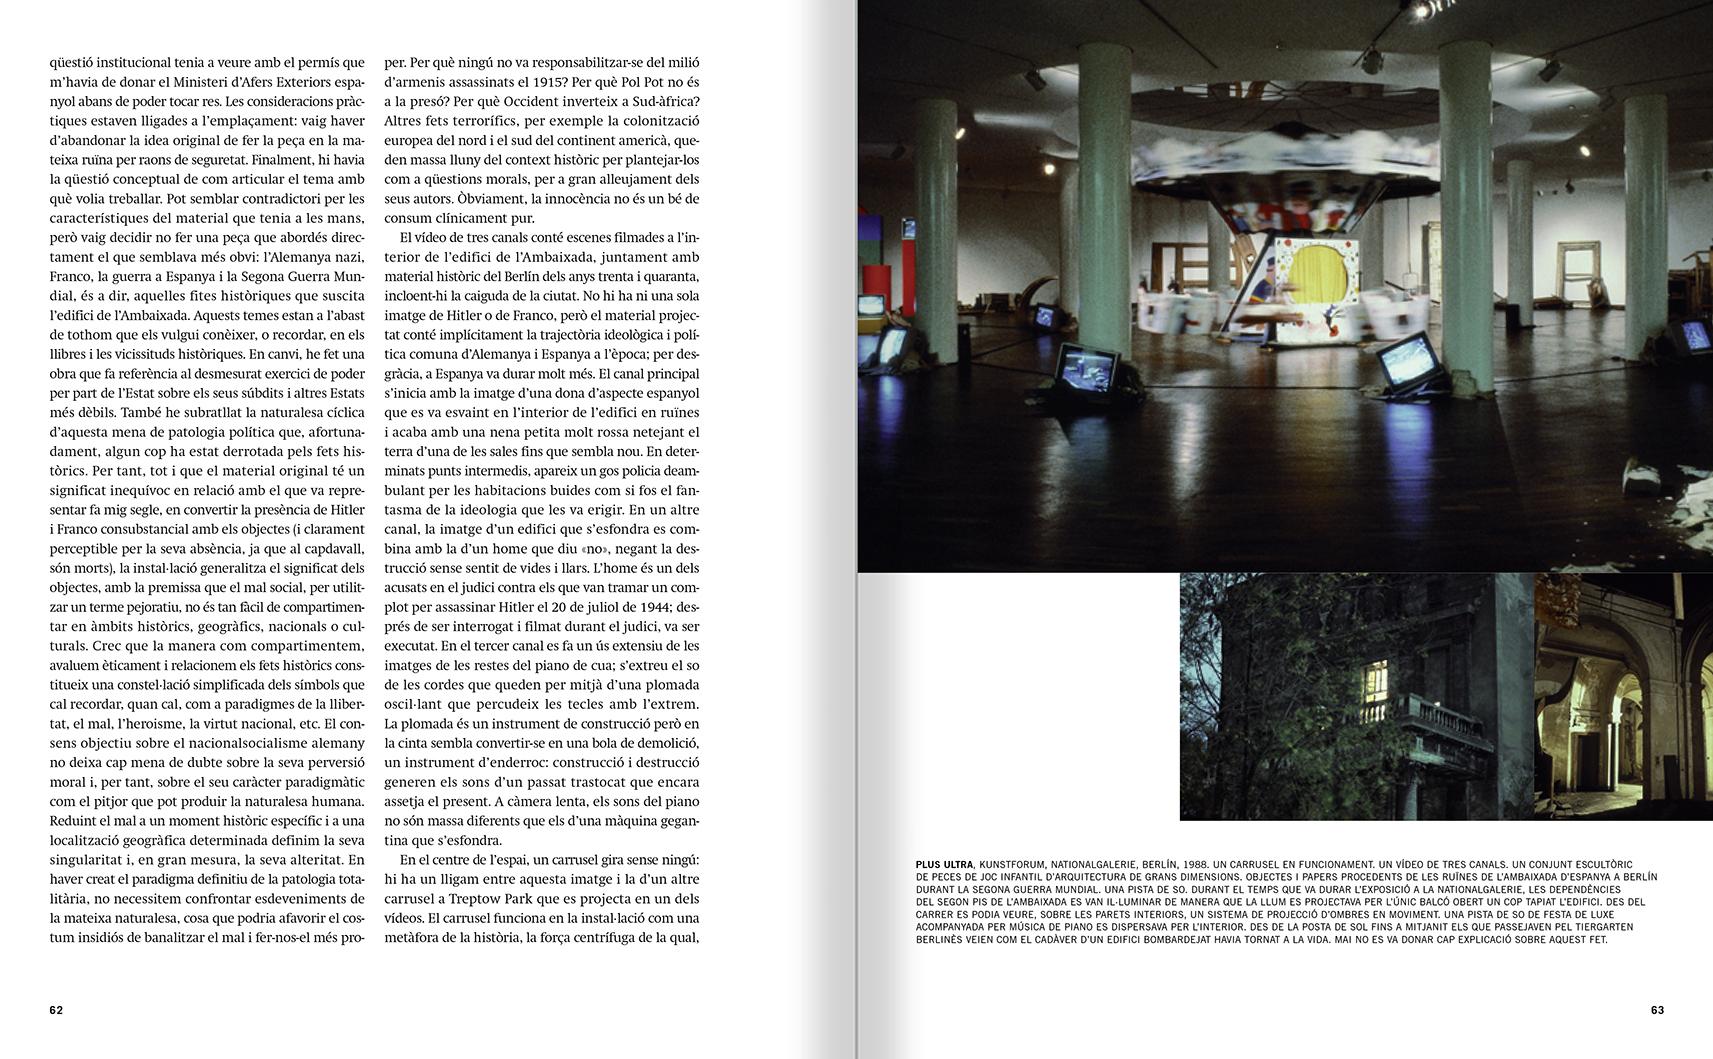 """Selecció del catàleg """"Francesc Torres. Da capo"""" pàgines 62 i 63"""